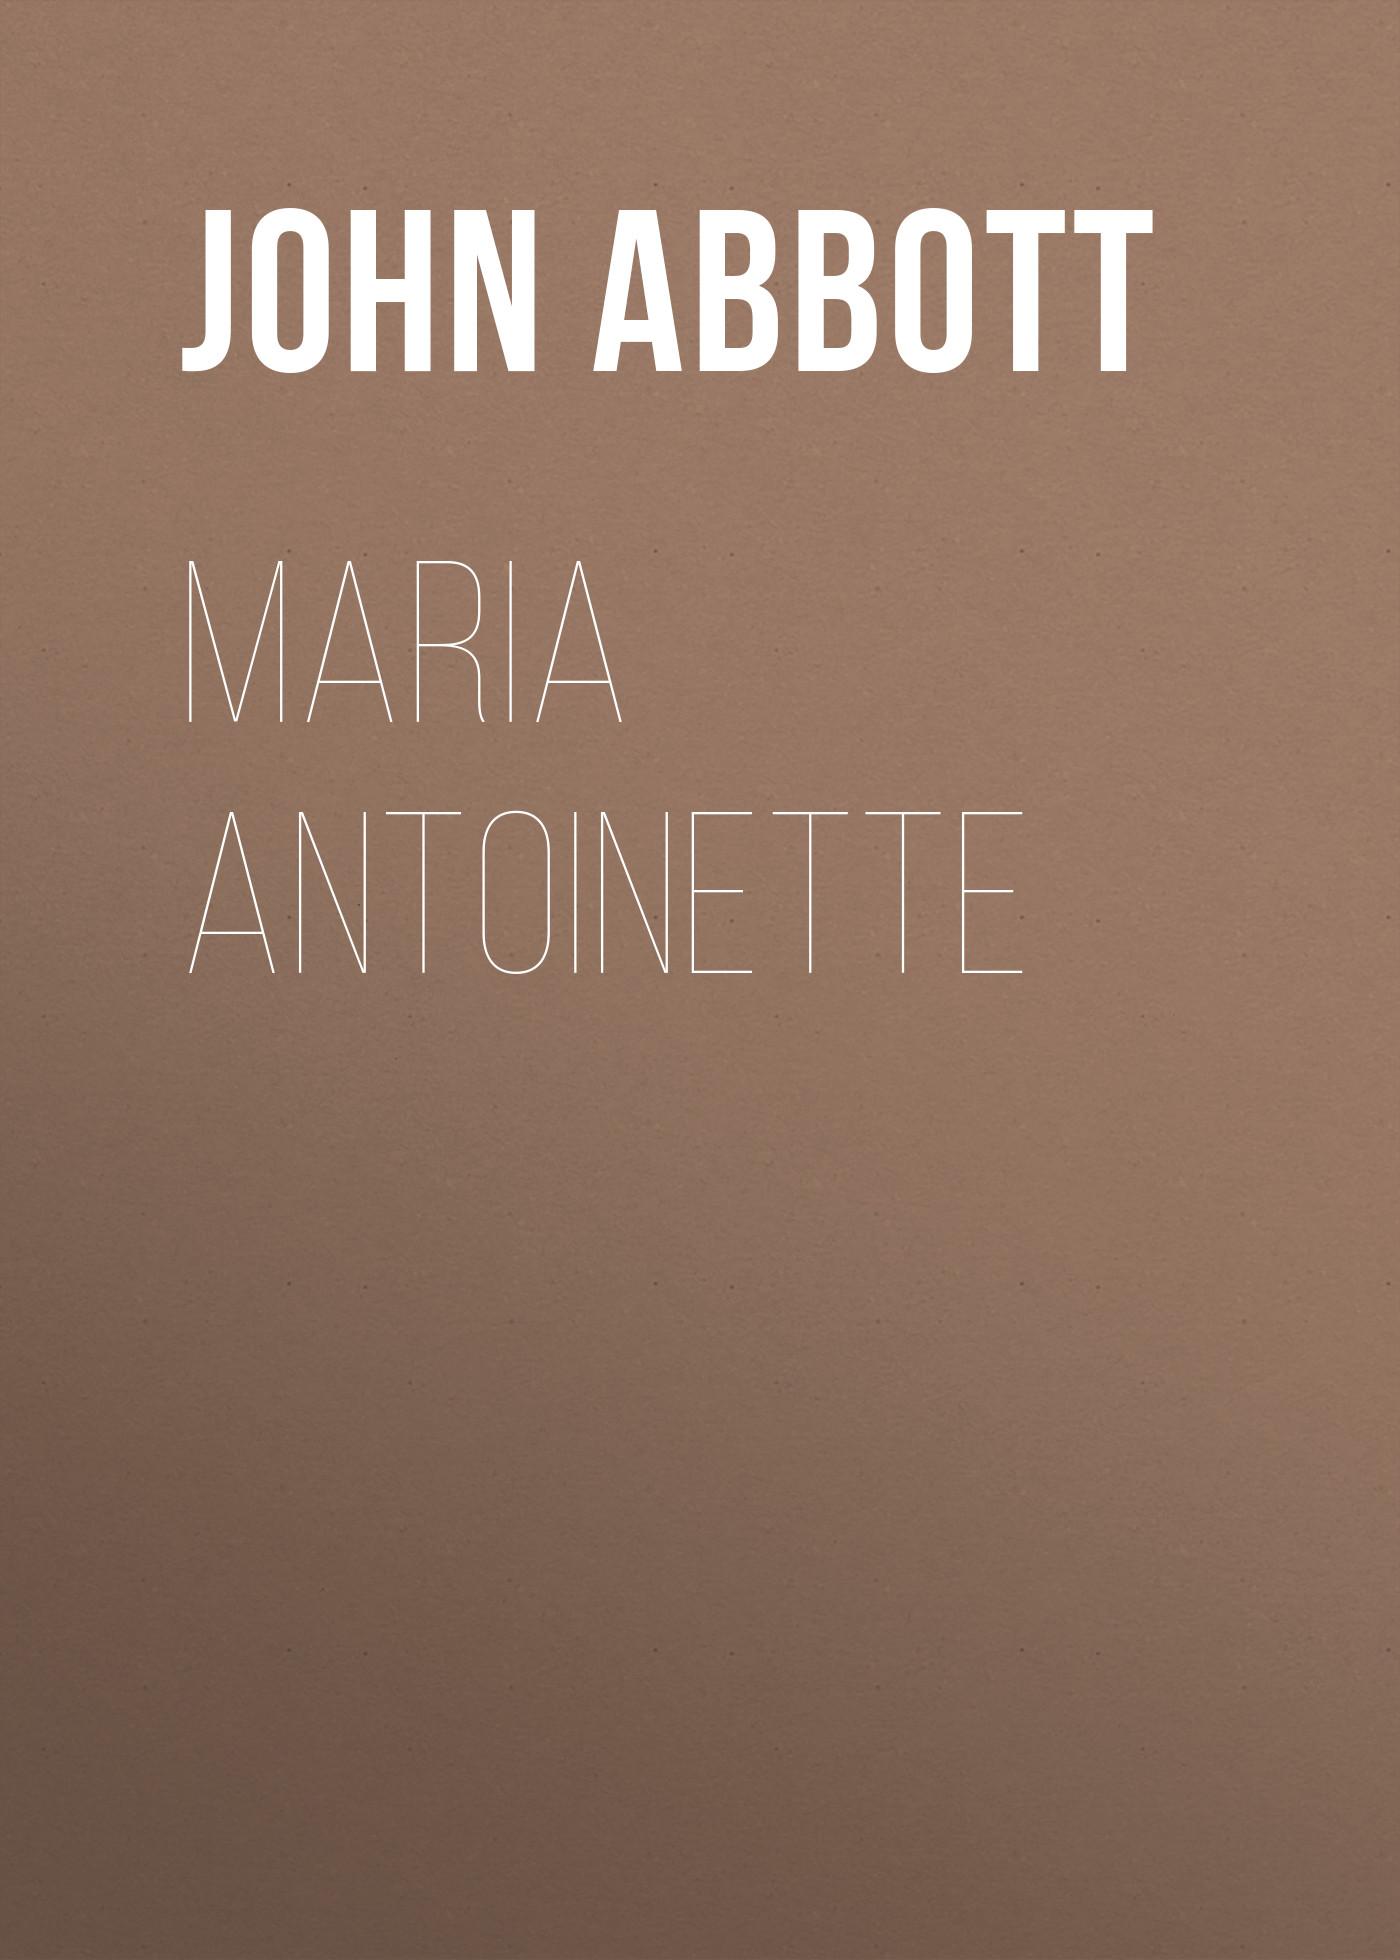 Abbott John Stevens Cabot Maria Antoinette